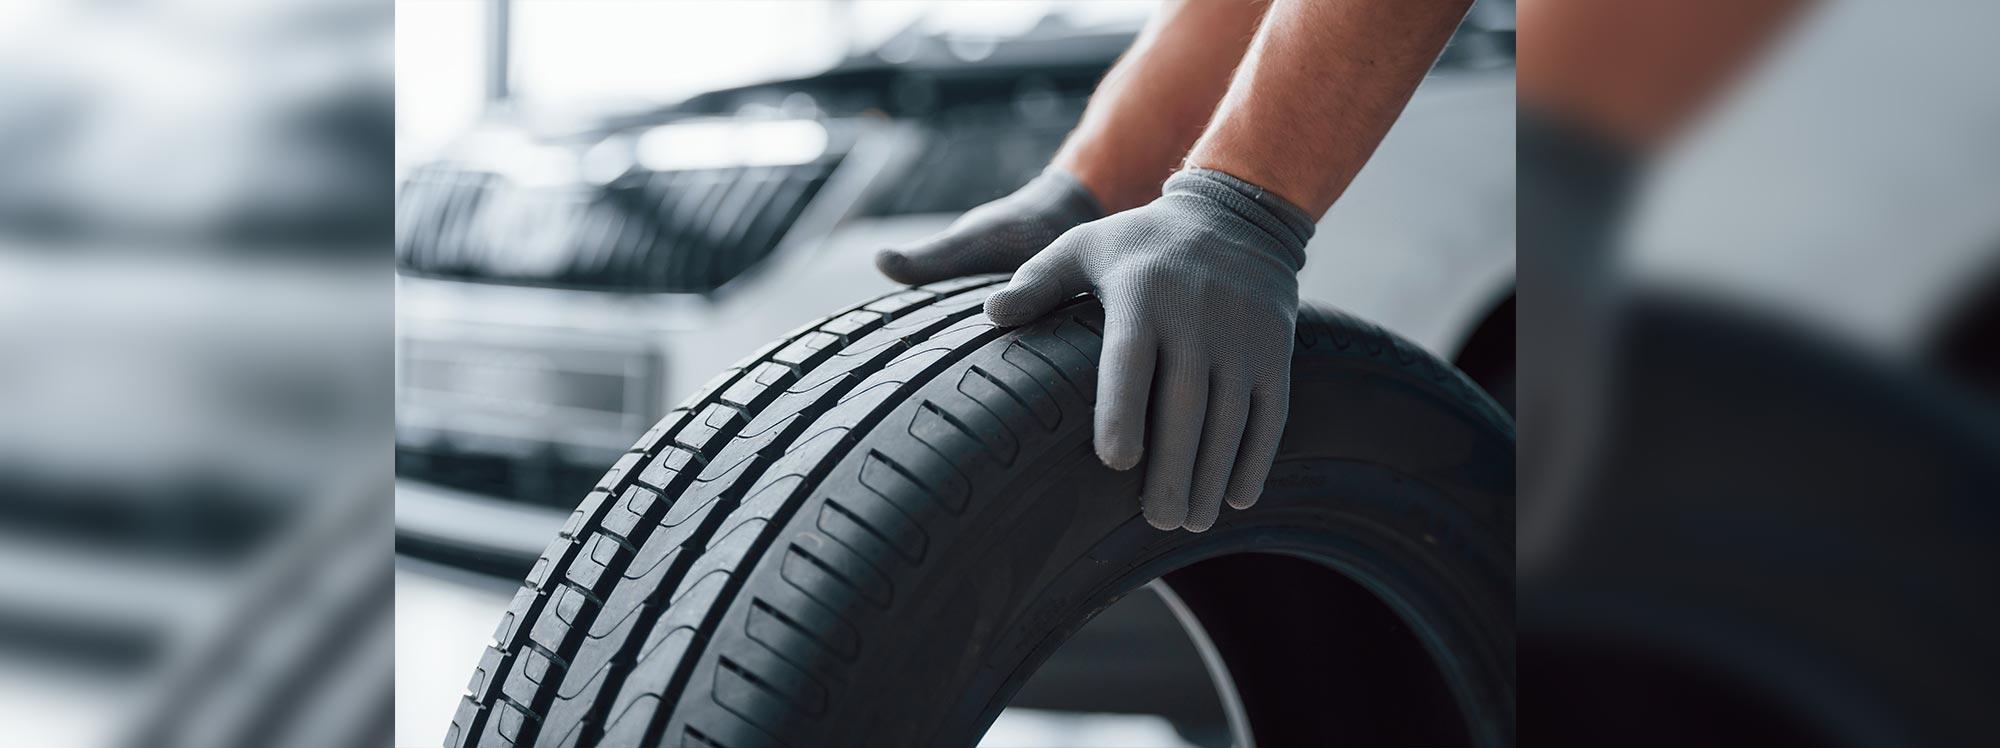 Extienda la vida útil de sus neumáticos